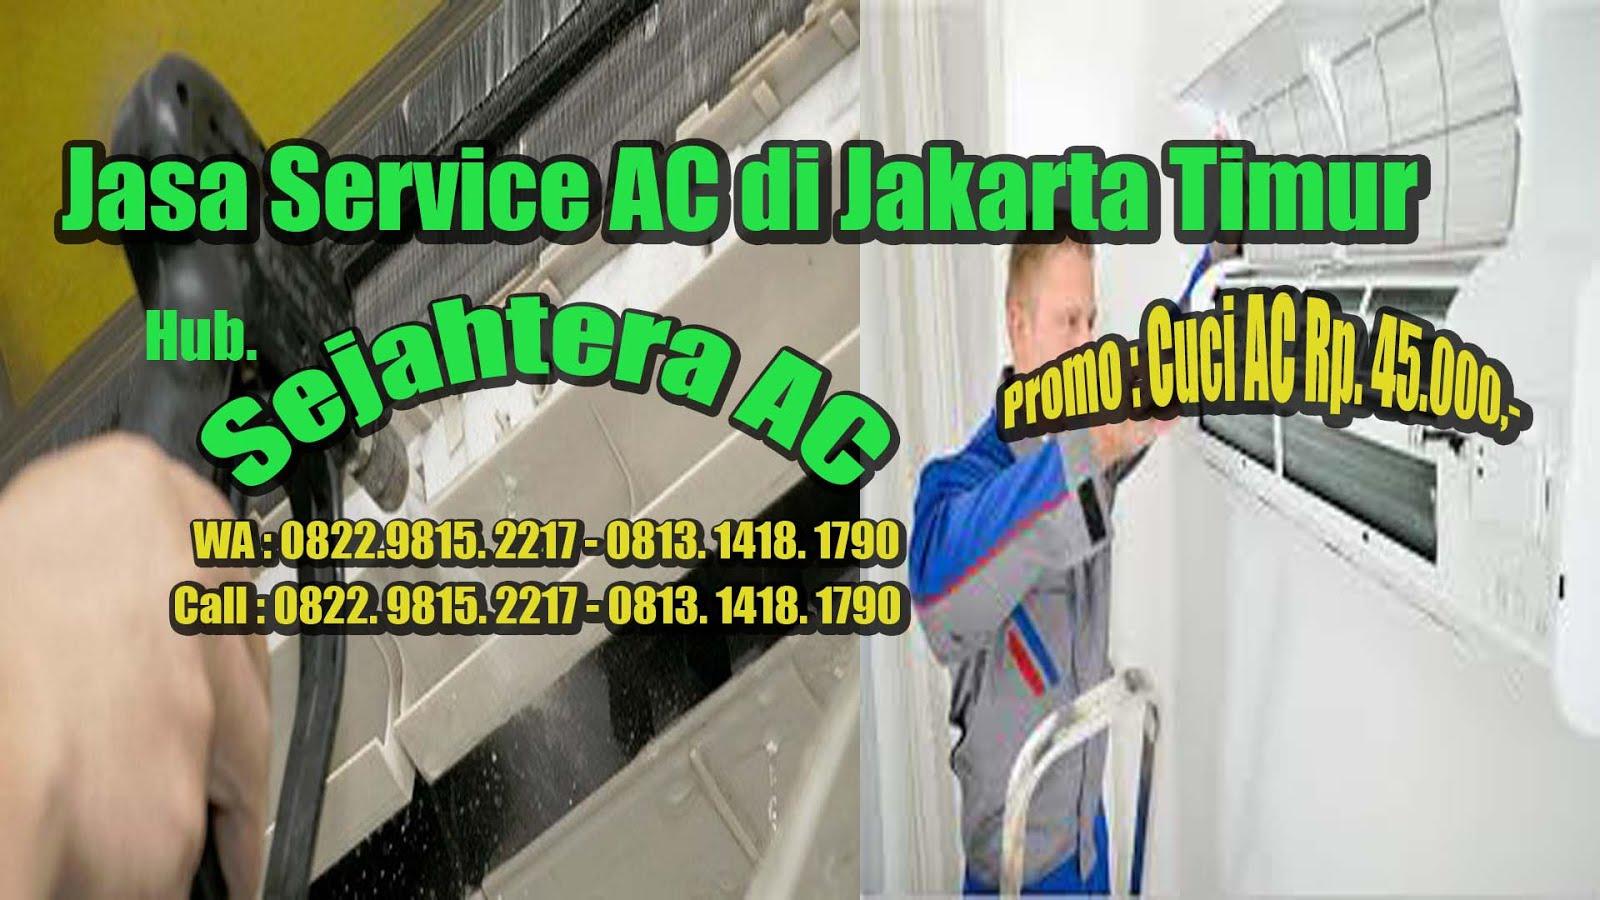 Jasa Service AC di Jakarta Timur